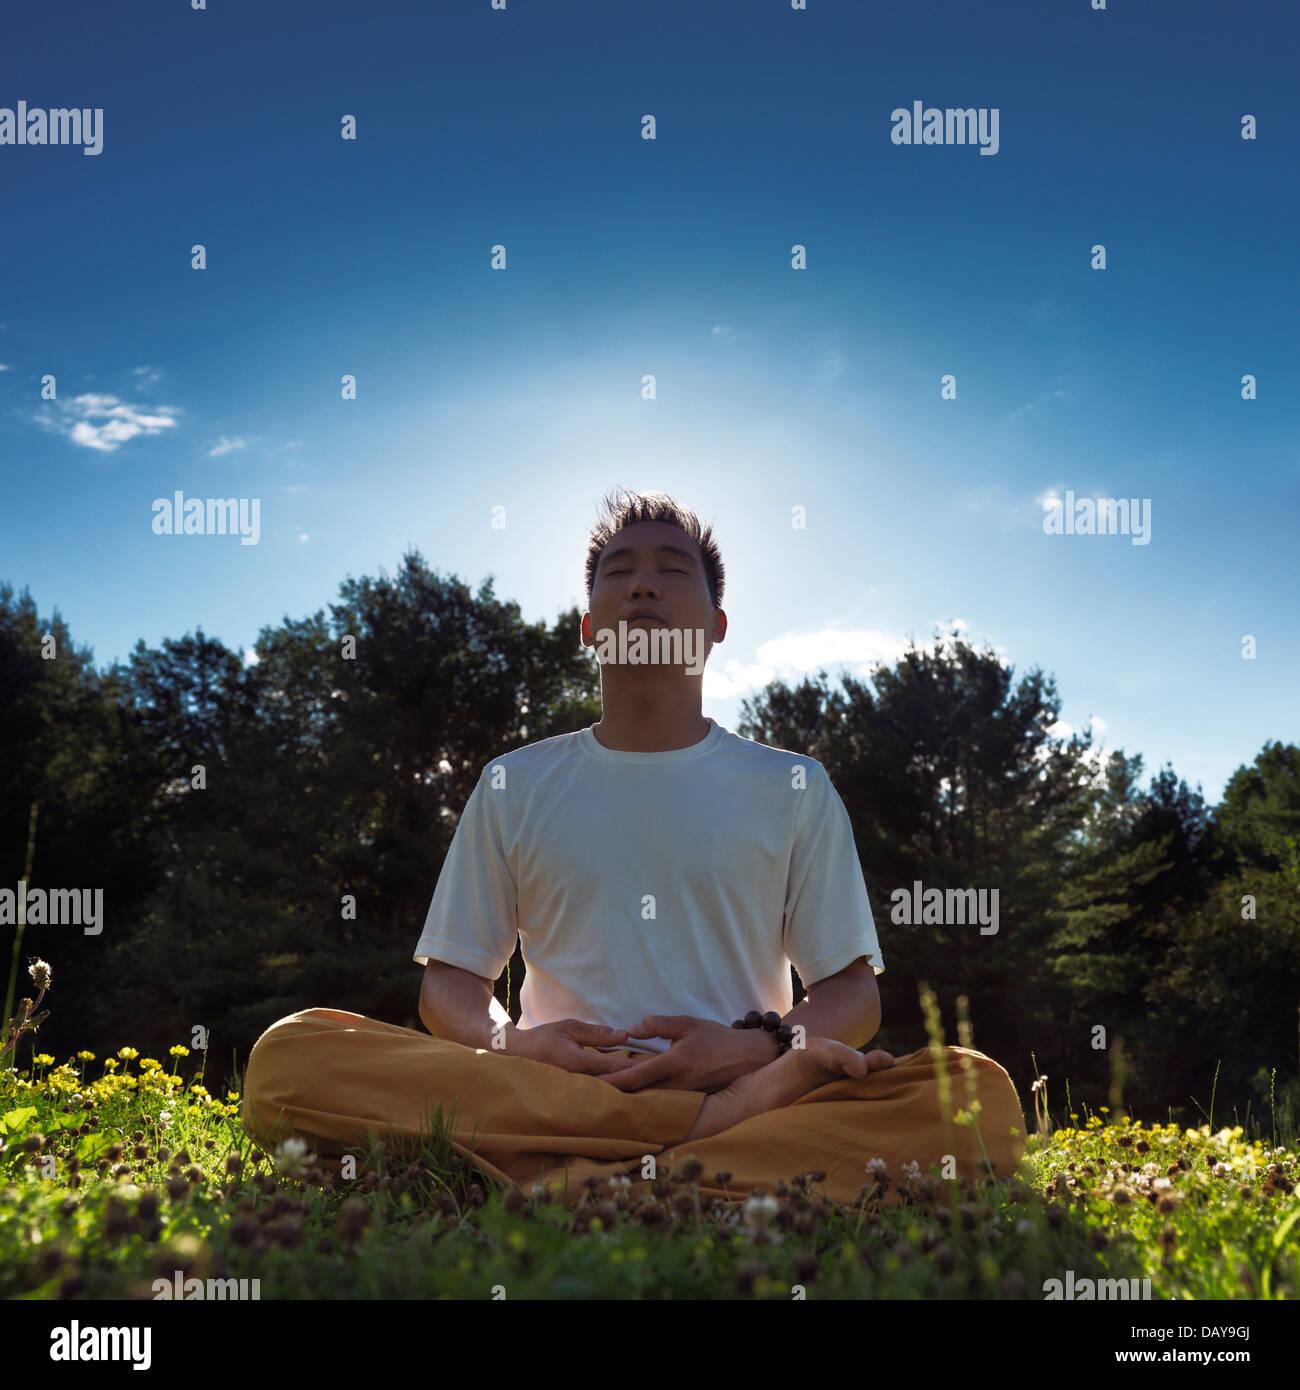 Chinesischer Mann meditieren im Freien bei Sonnenaufgang in der Natur, sitzen mit gekreuzten Beinen auf dem Rasen Stockfoto